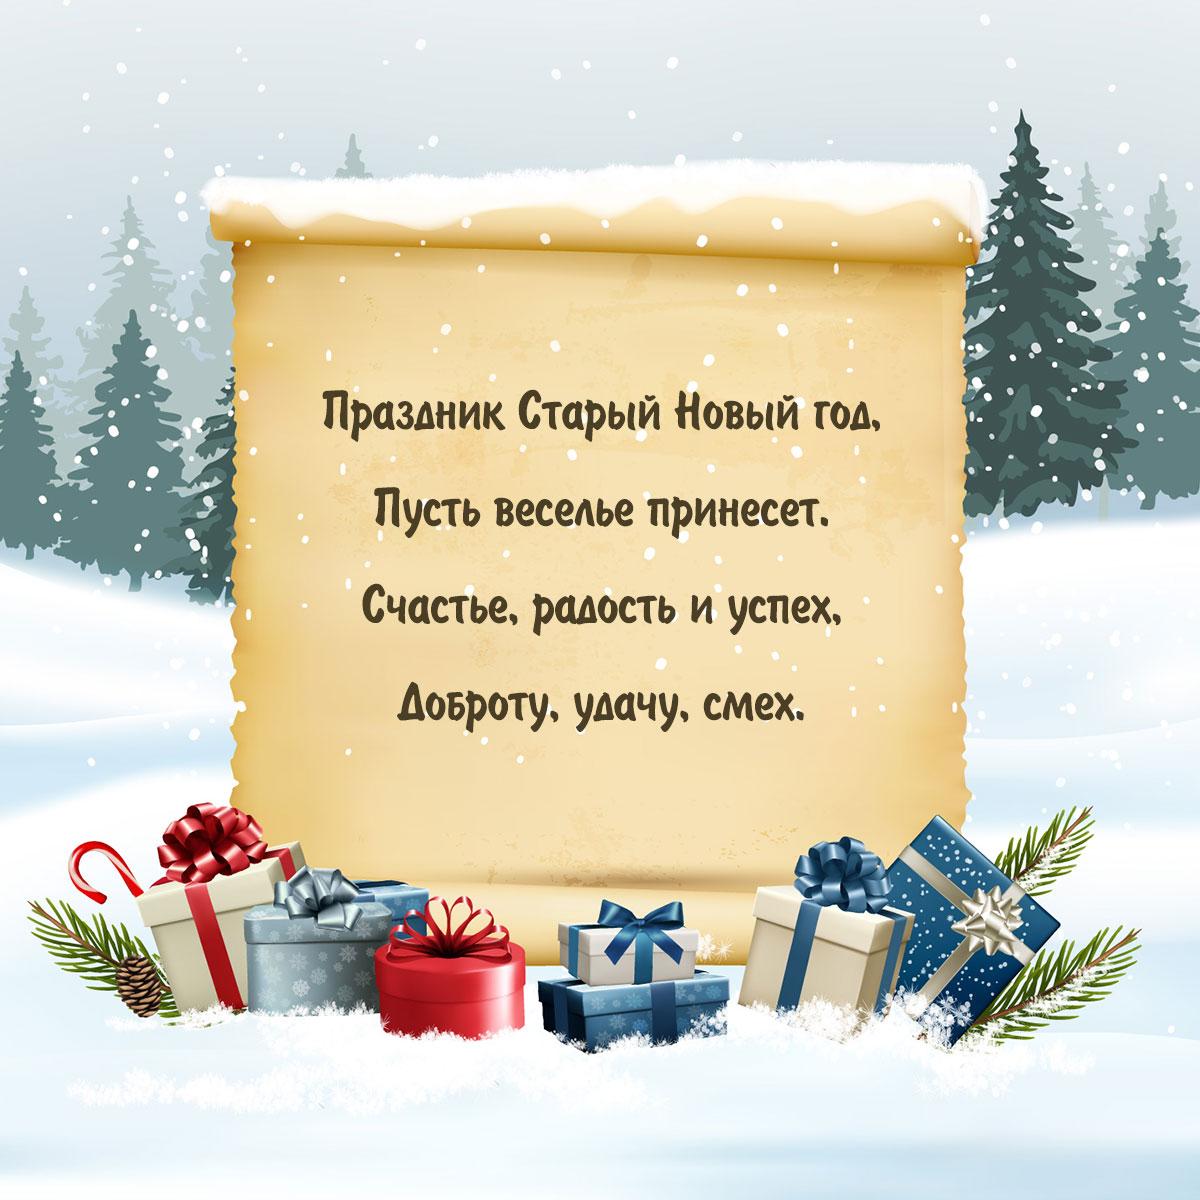 Текст поздравления на бумажном свитке с ёлками и подарками на снегу.